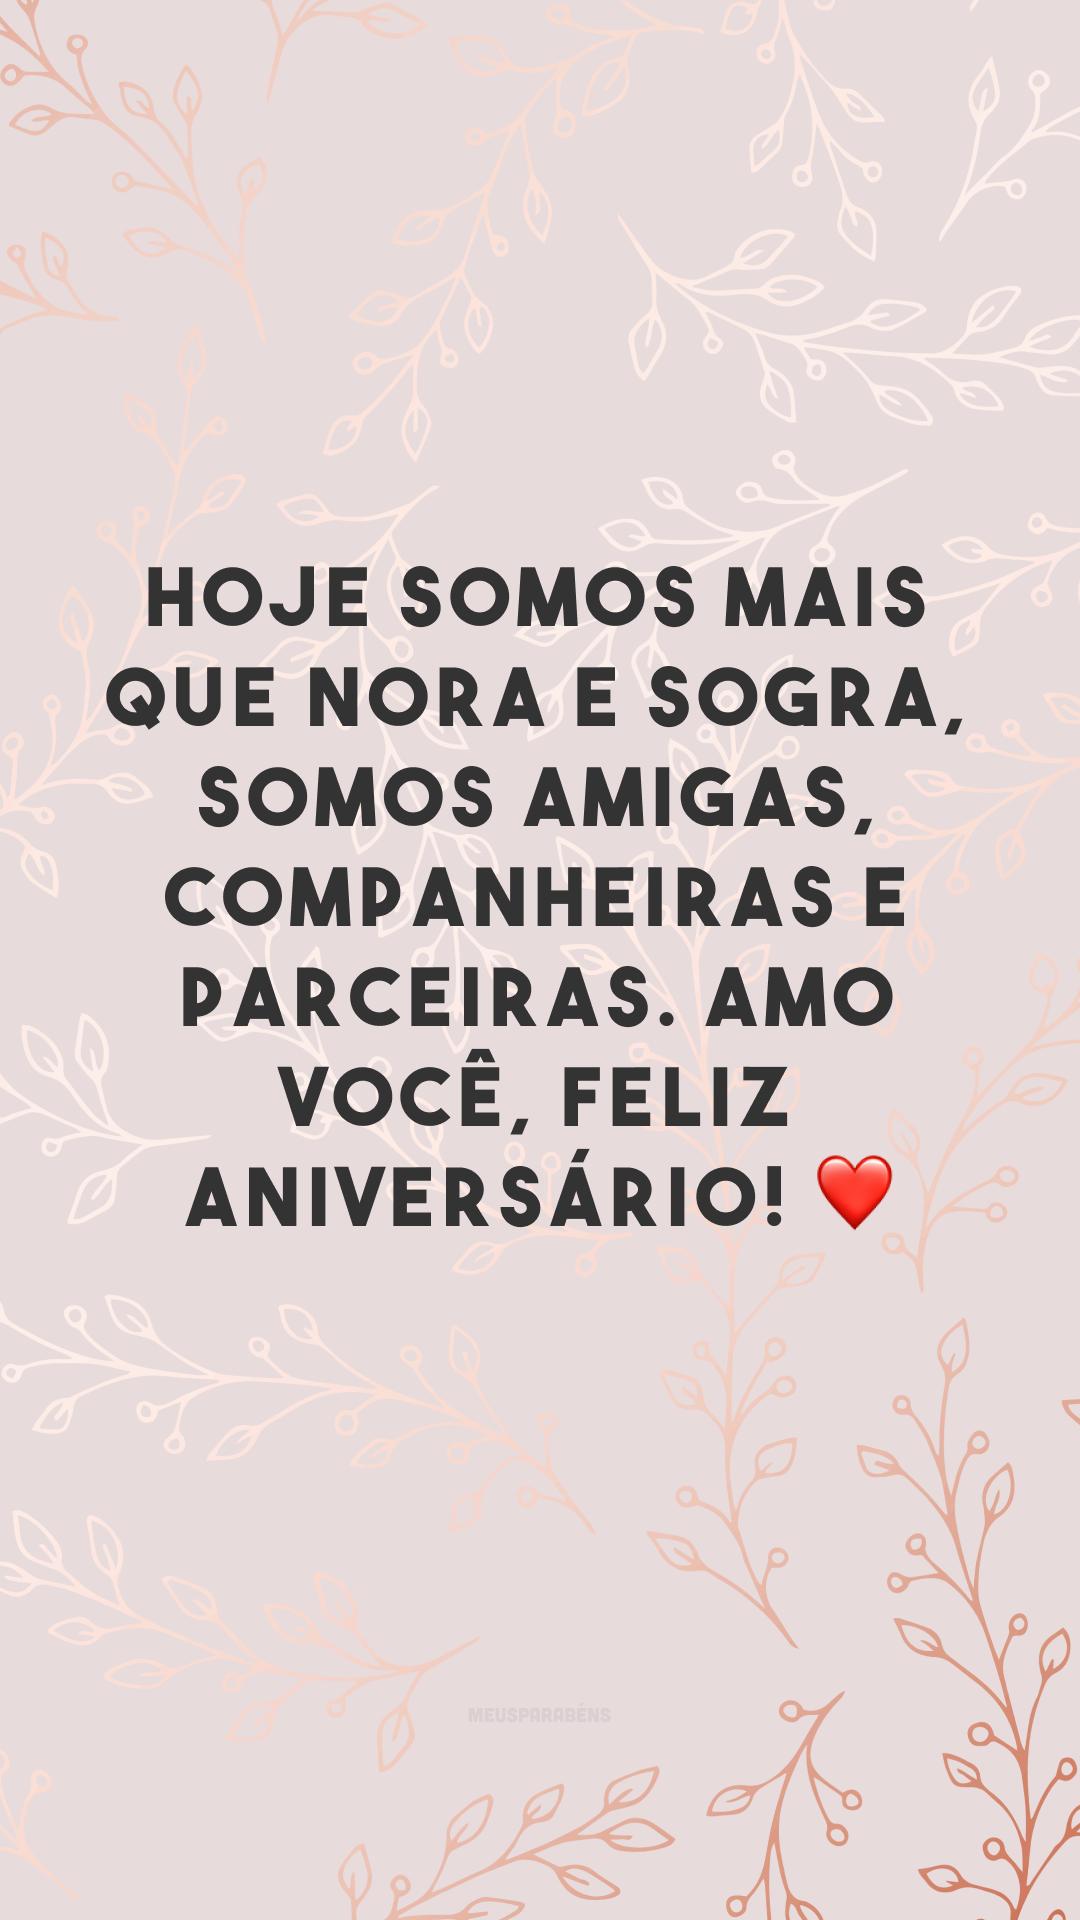 Hoje somos mais que nora e sogra, somos amigas, companheiras e parceiras. Amo você, feliz aniversário! ❤